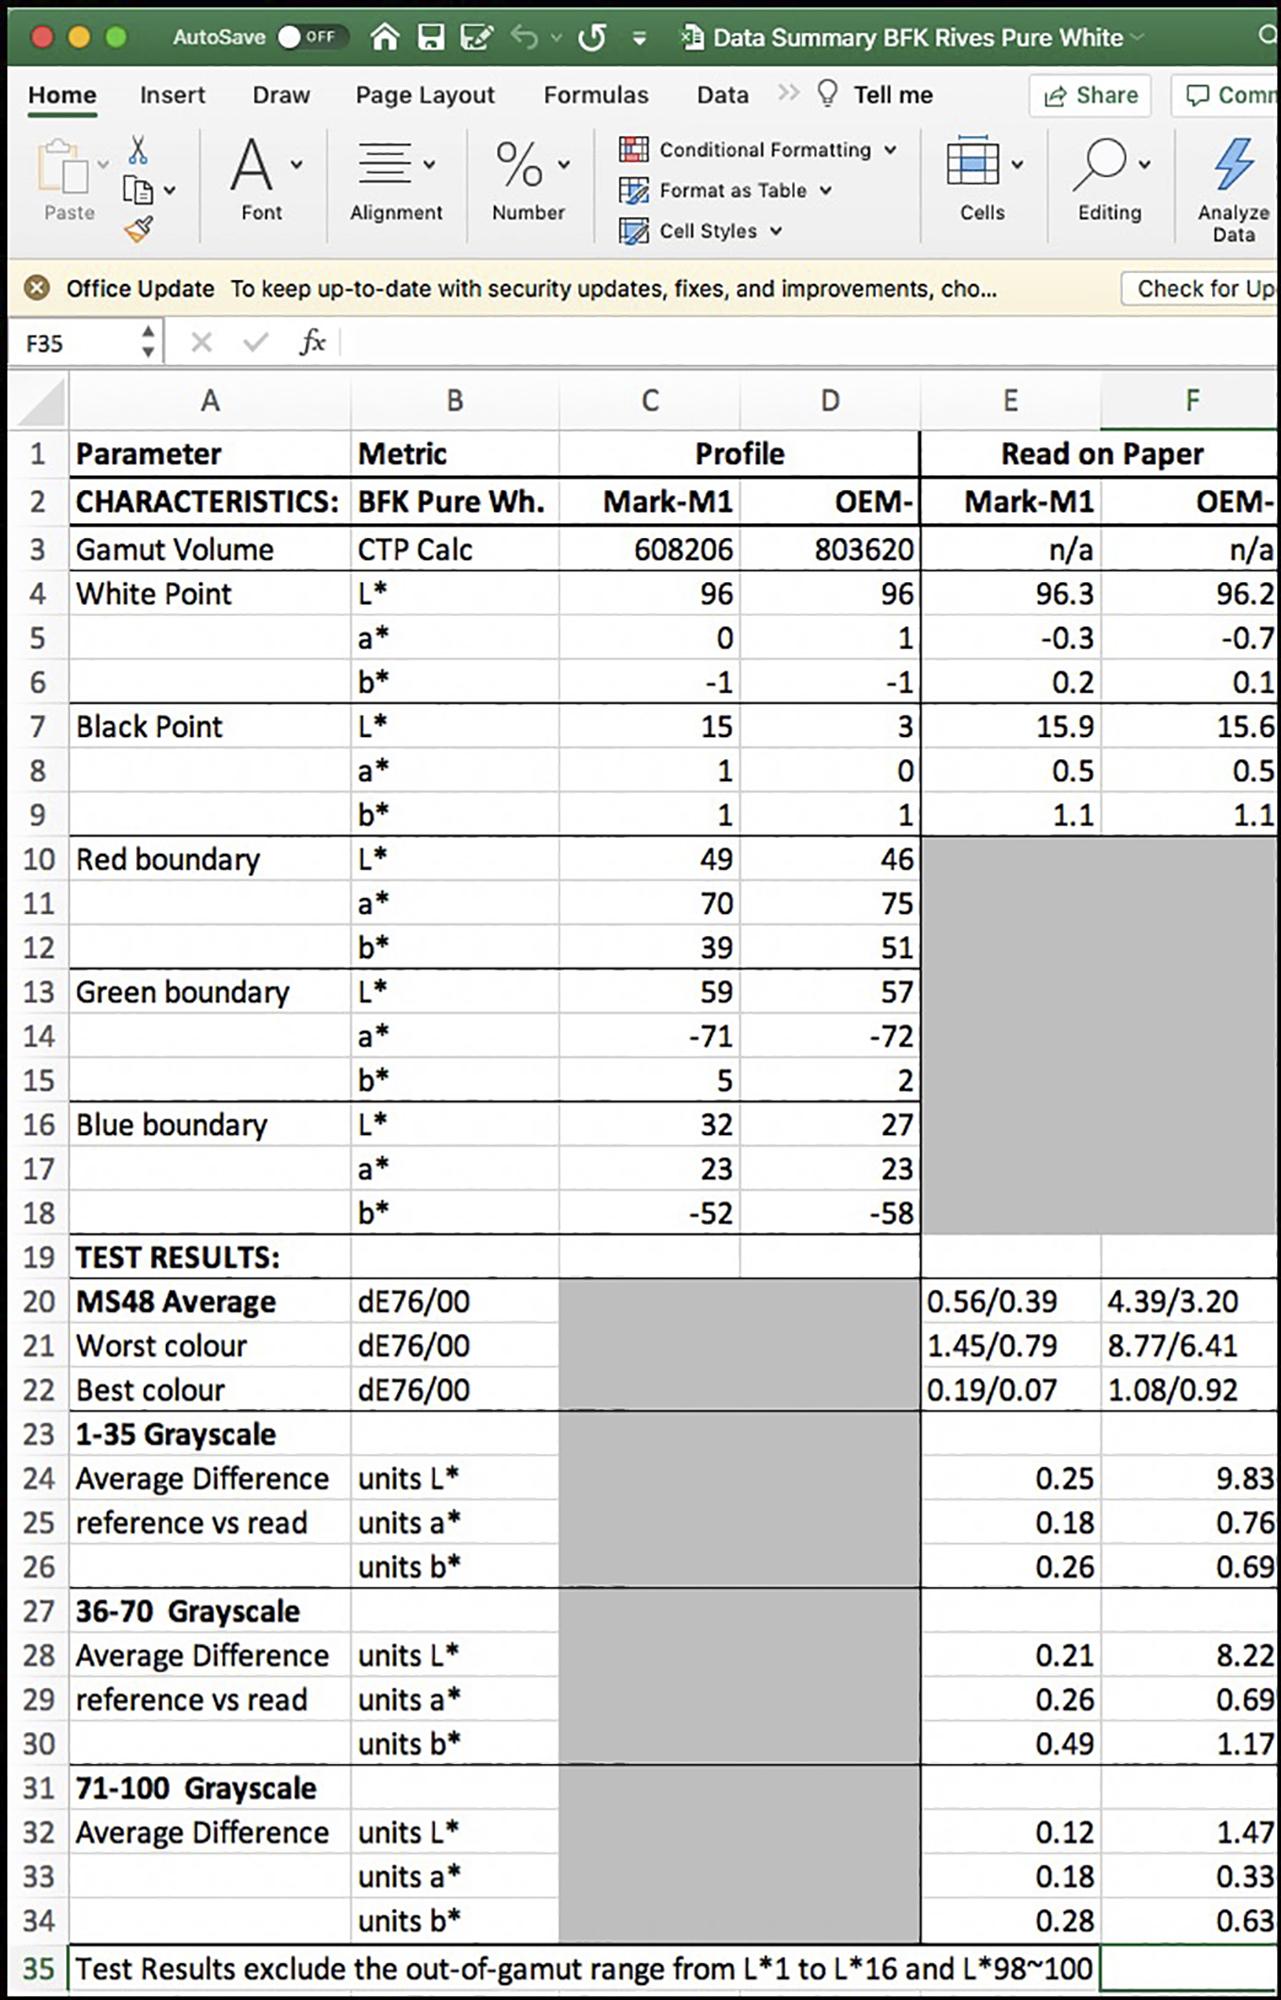 Figure 3. Data Summary BFKPW